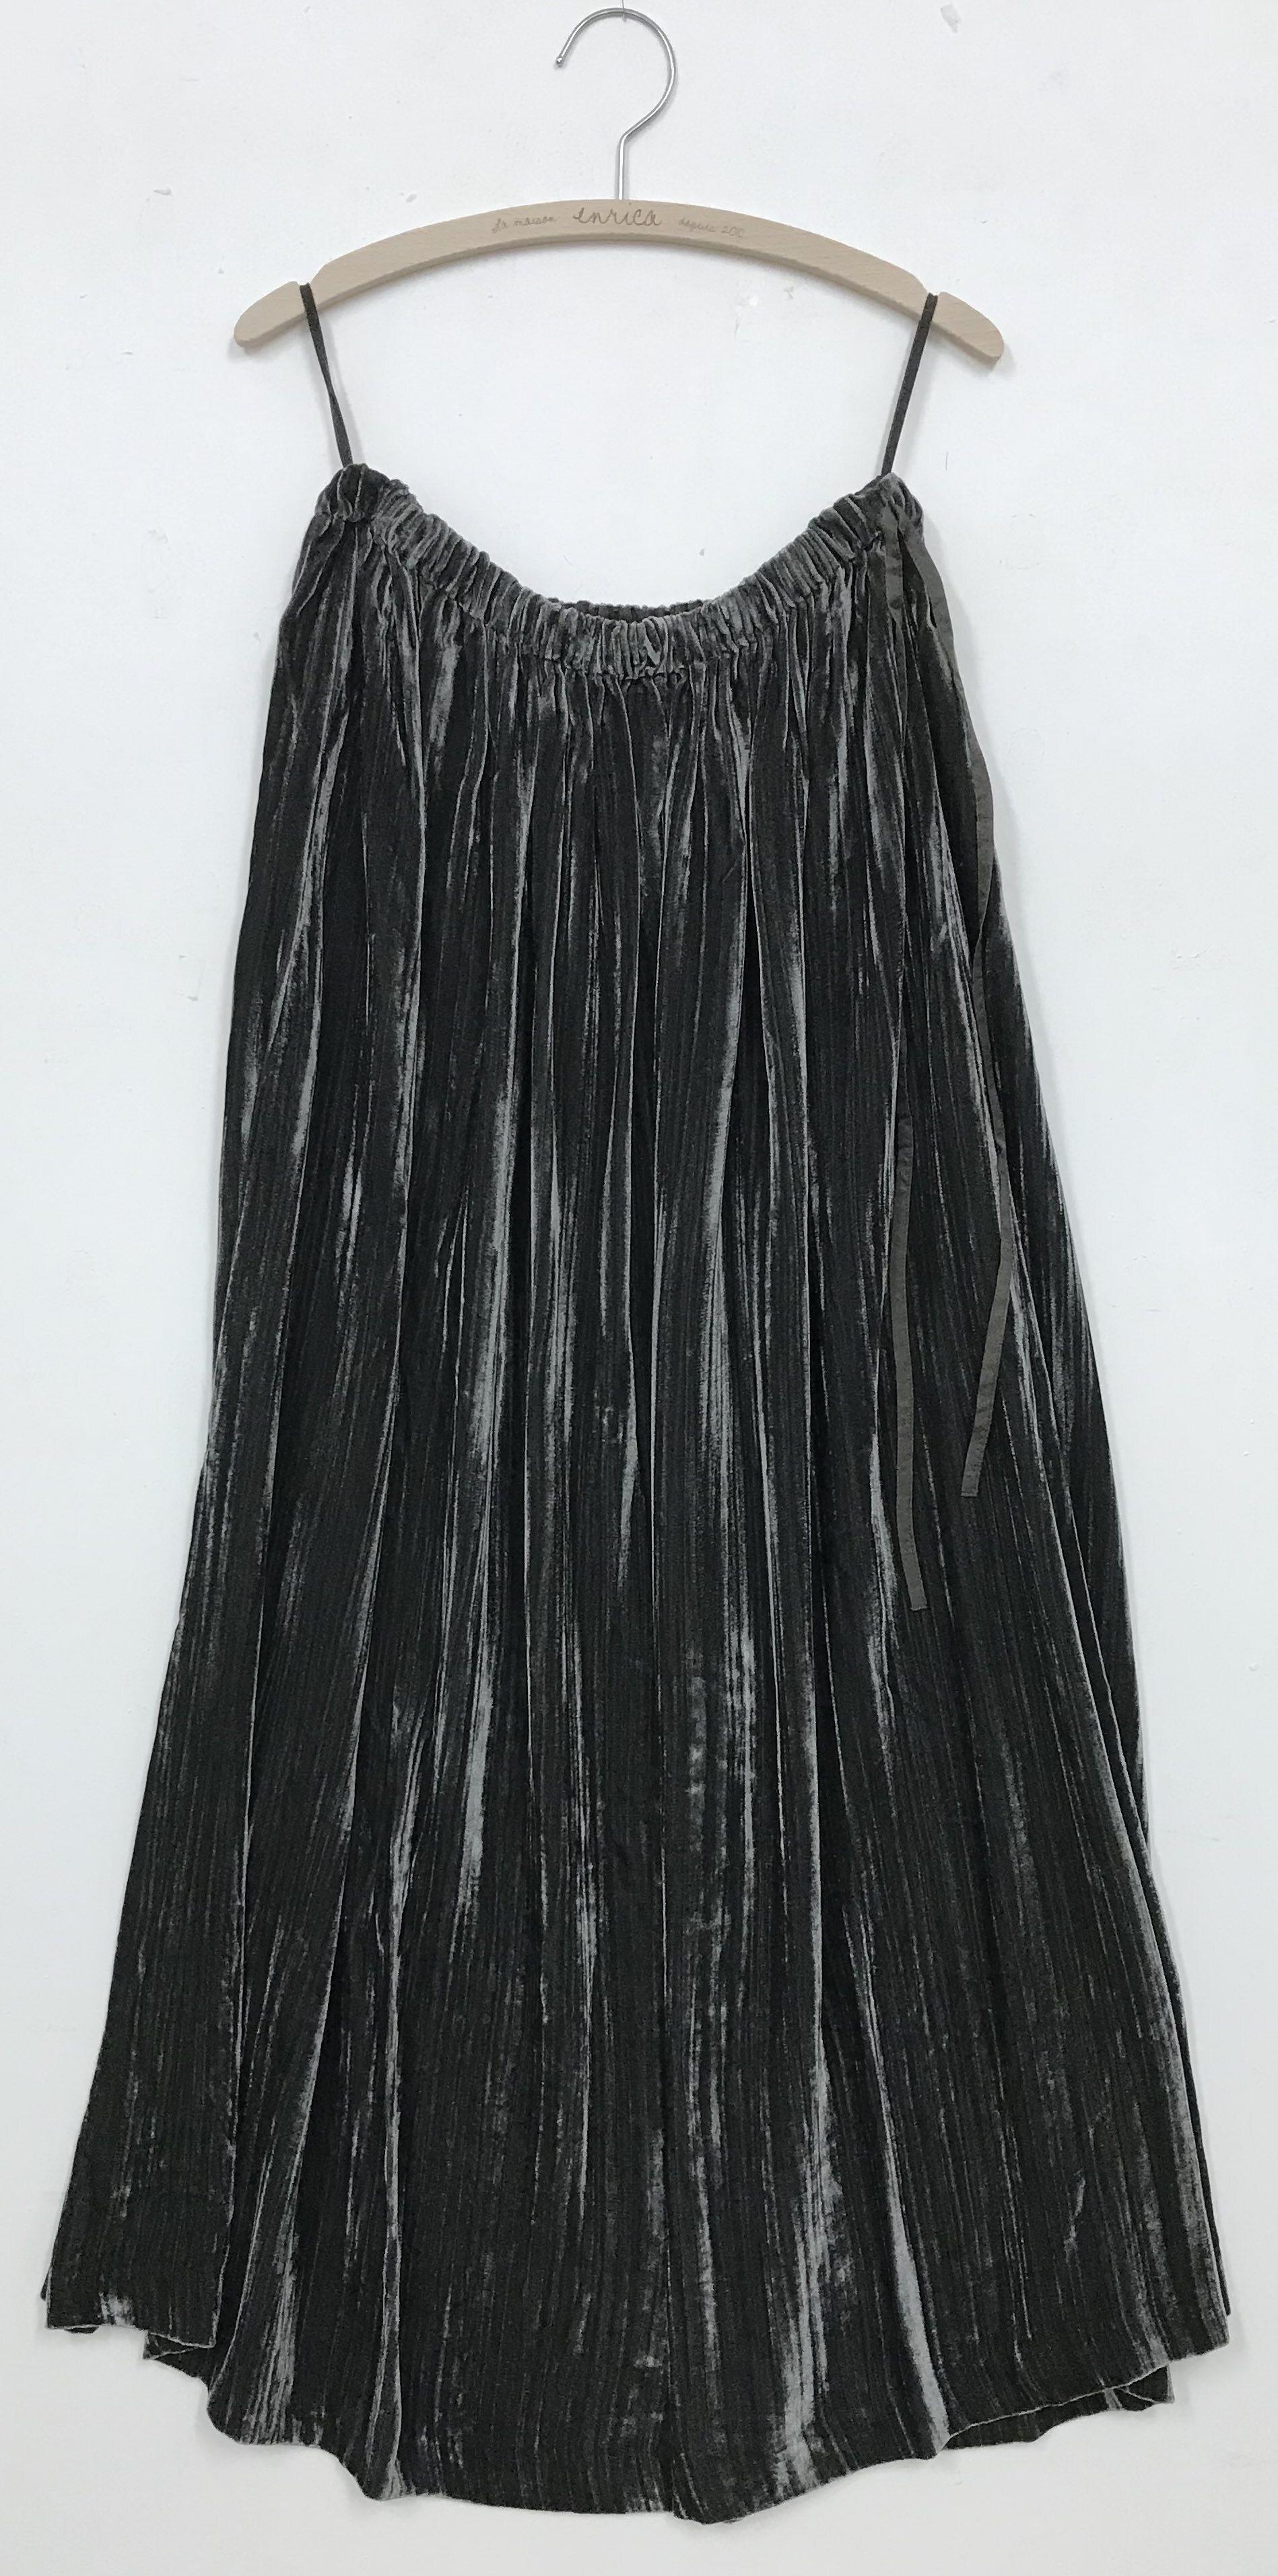 ベルベットロングスカート GREY-BROWN(製品洗い)